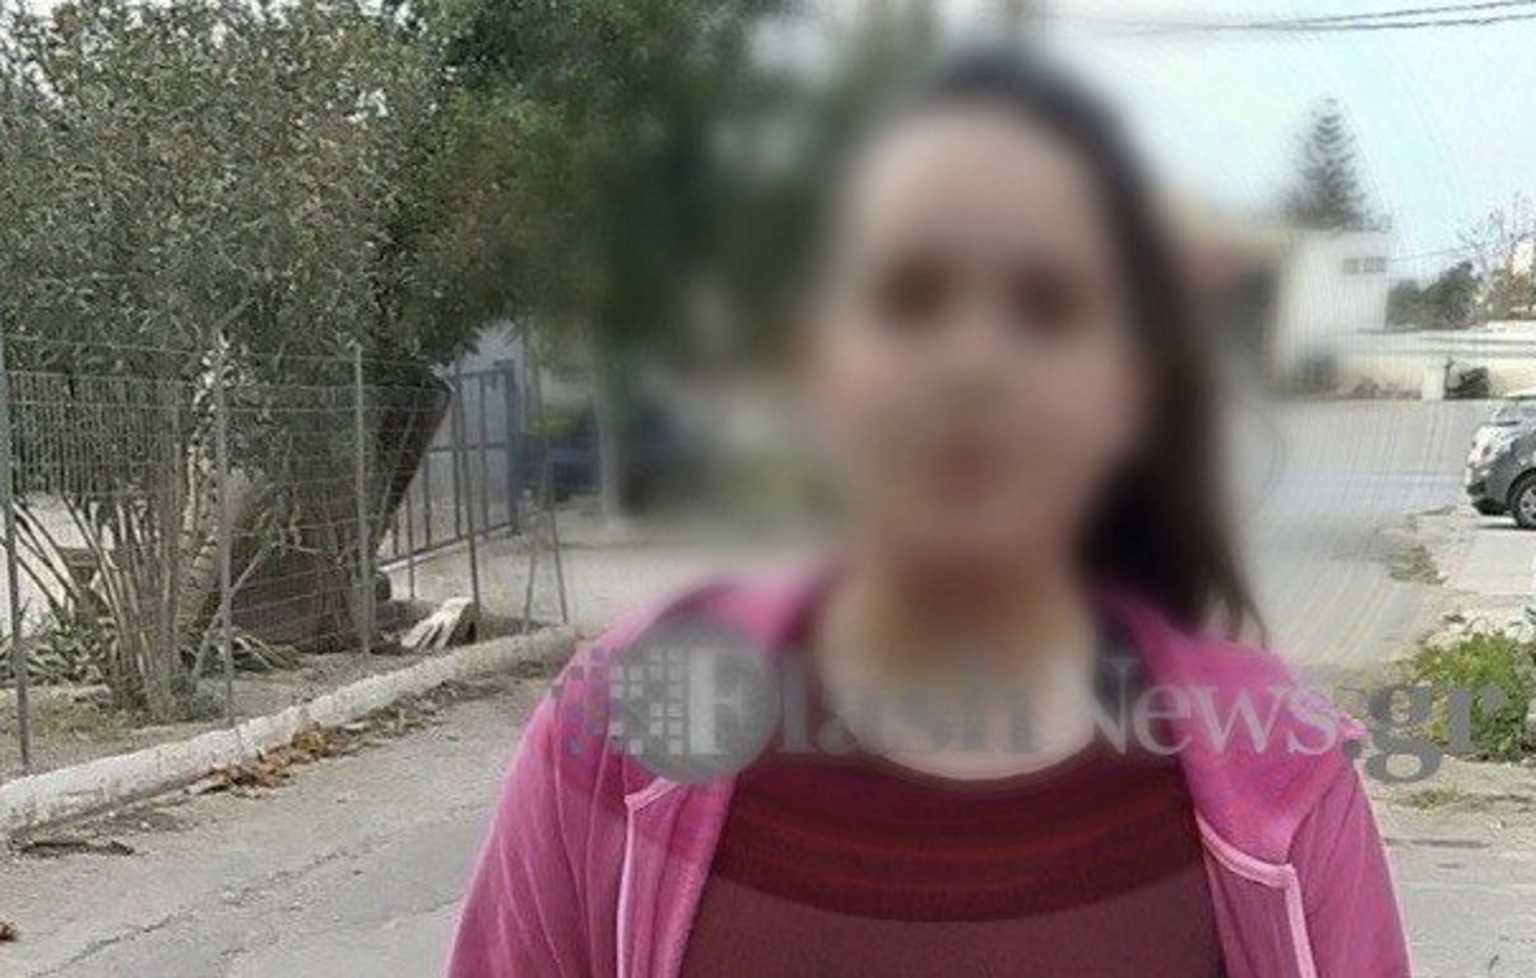 Κρήτη:  Νεκρή η μικρούλα  που εξαφανίστηκε χθες από το σπίτι της